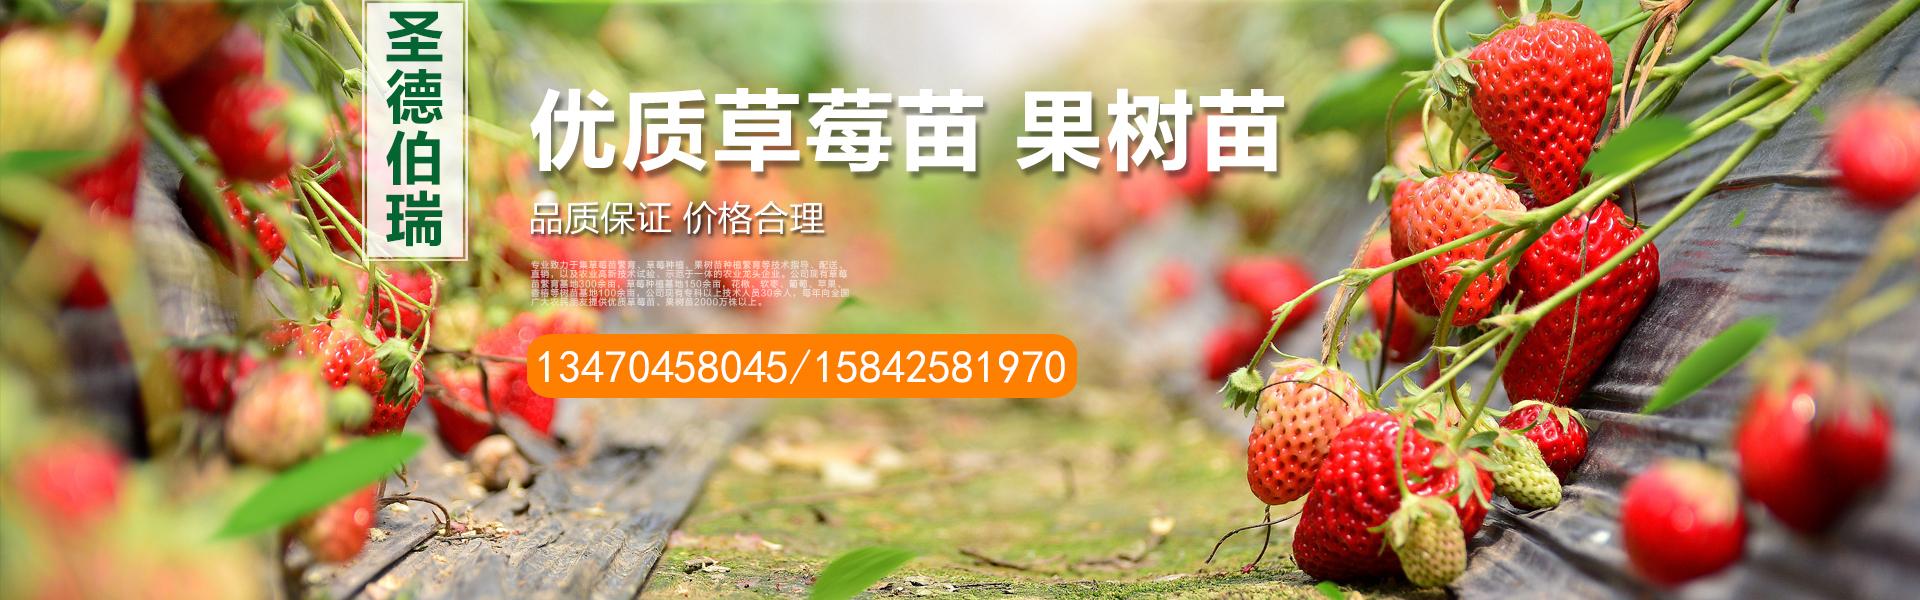 丹东软枣苗,丹东蓝莓苗,丹东红颜草莓苗,辽宁软枣猕猴桃